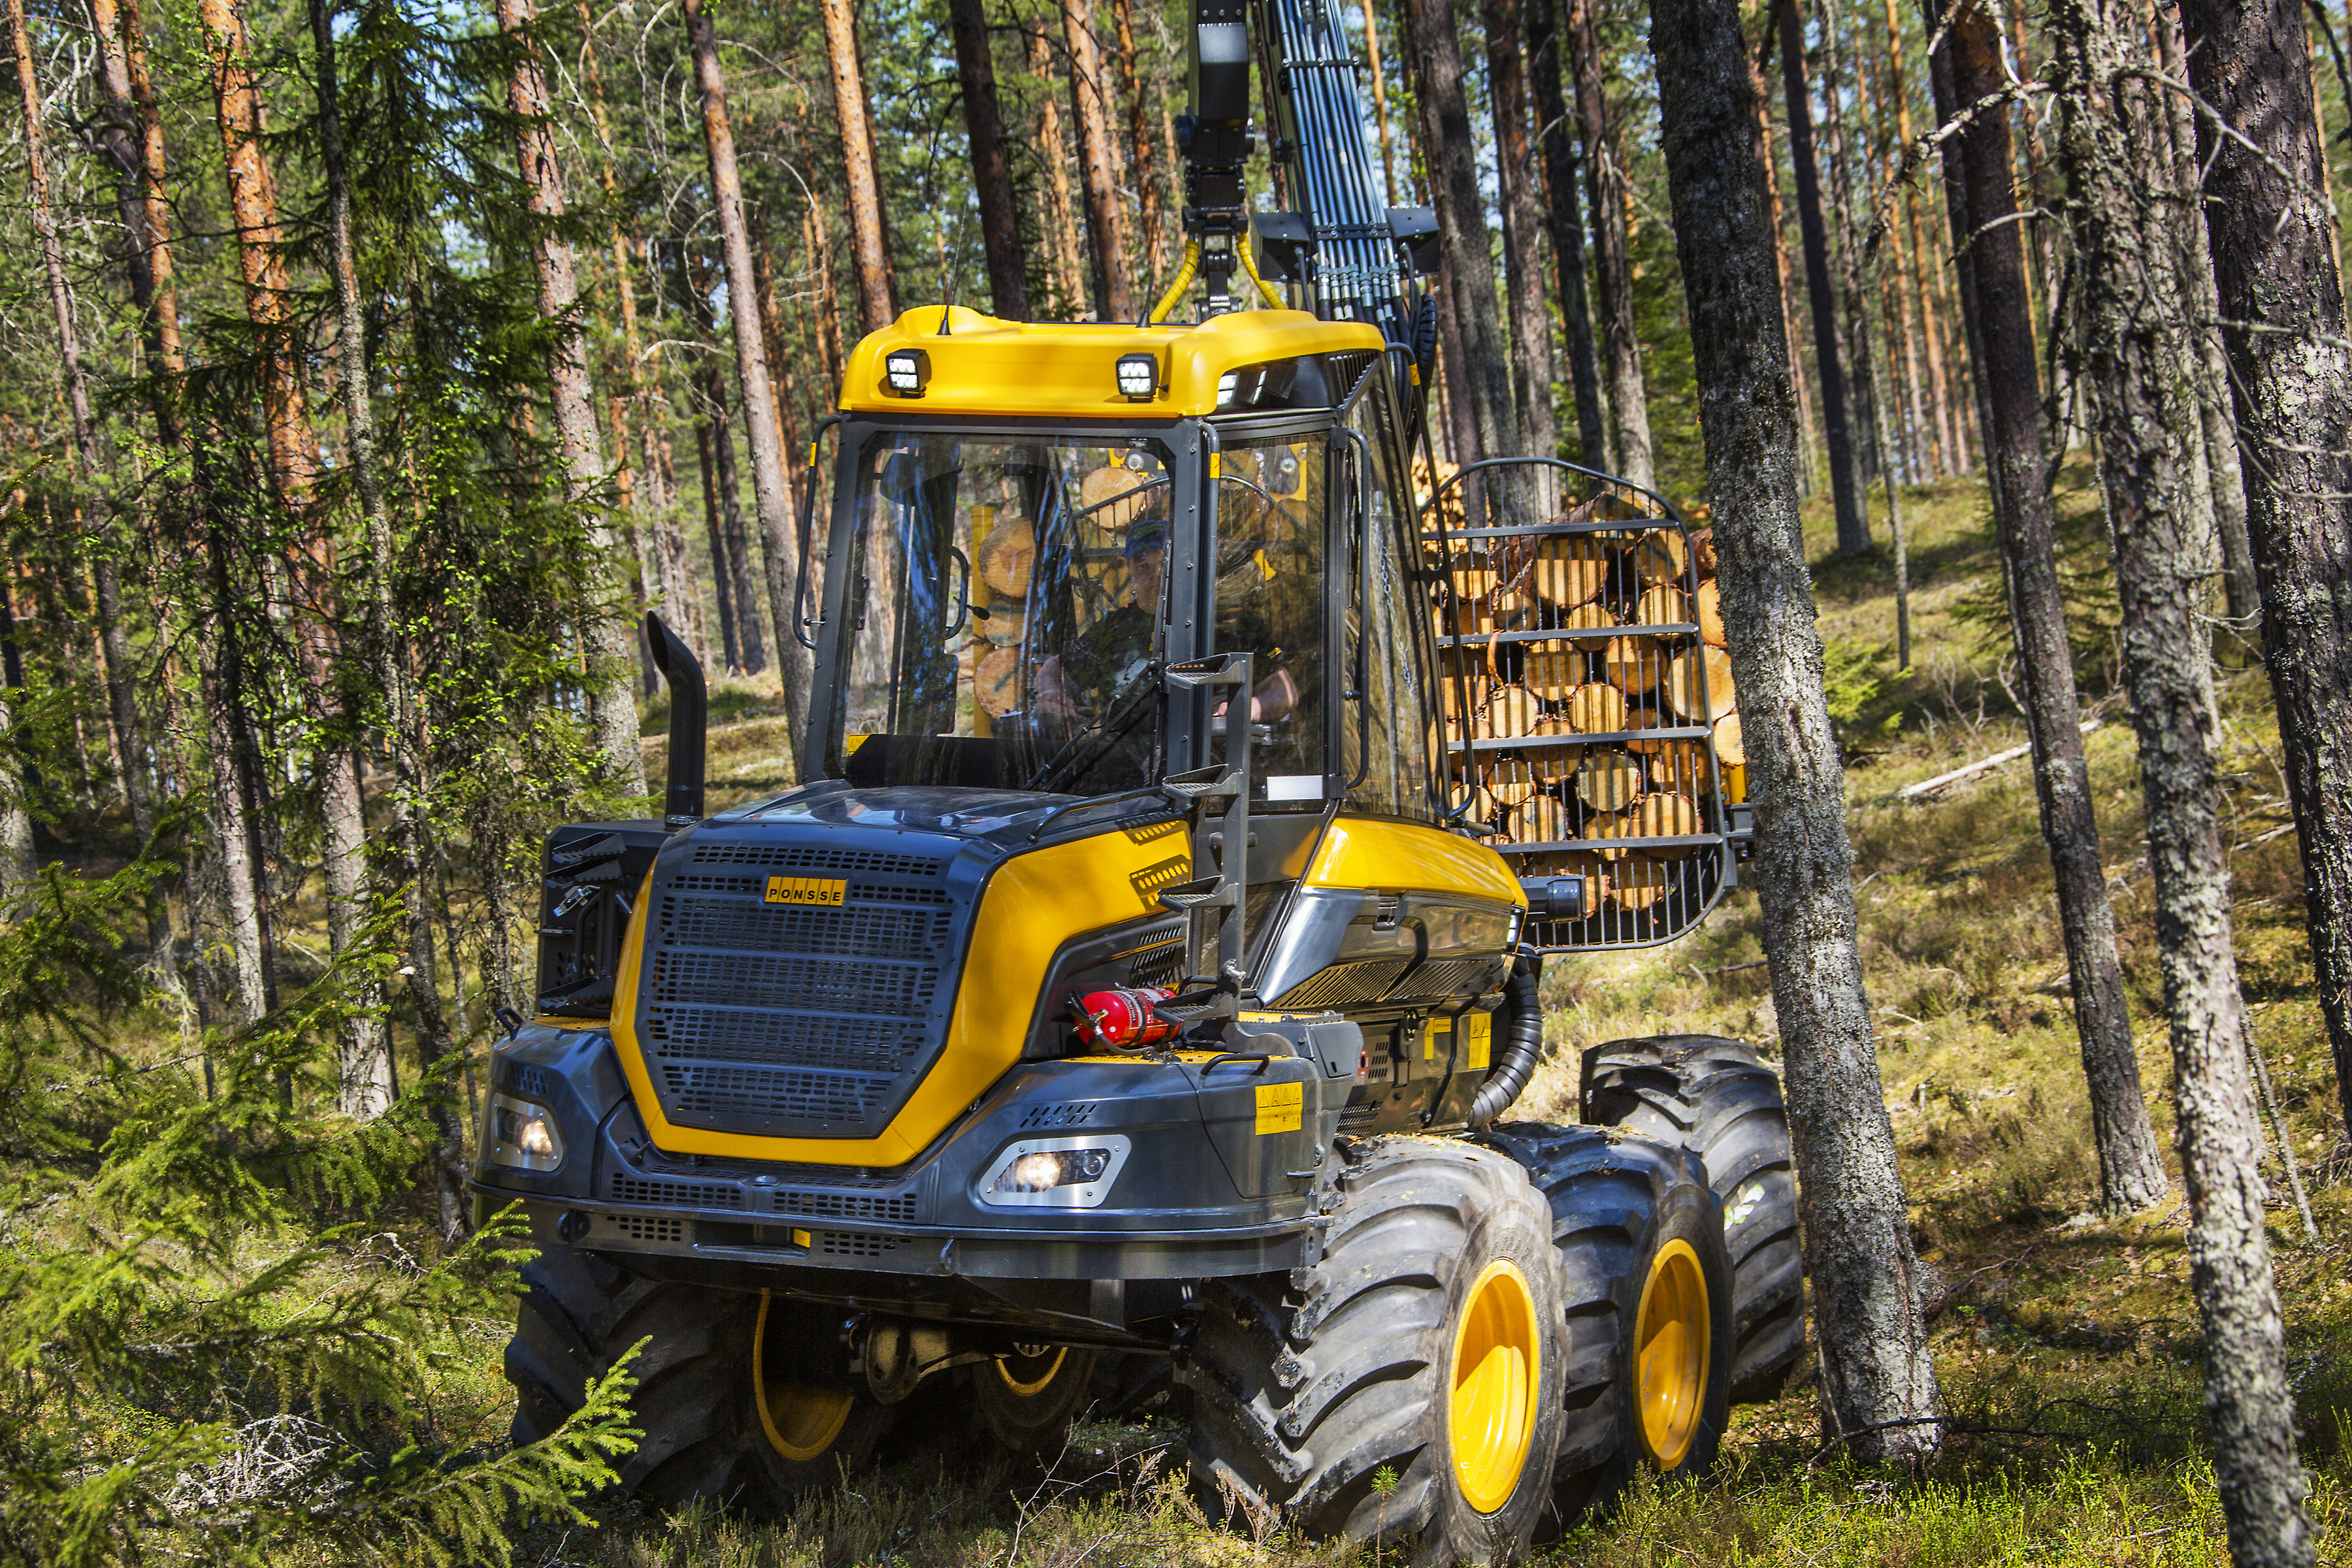 Картинка Форвардер 2014-17 Ponsse Wisent 8w Леса Деревья 3600x2400 лес дерево дерева деревьев